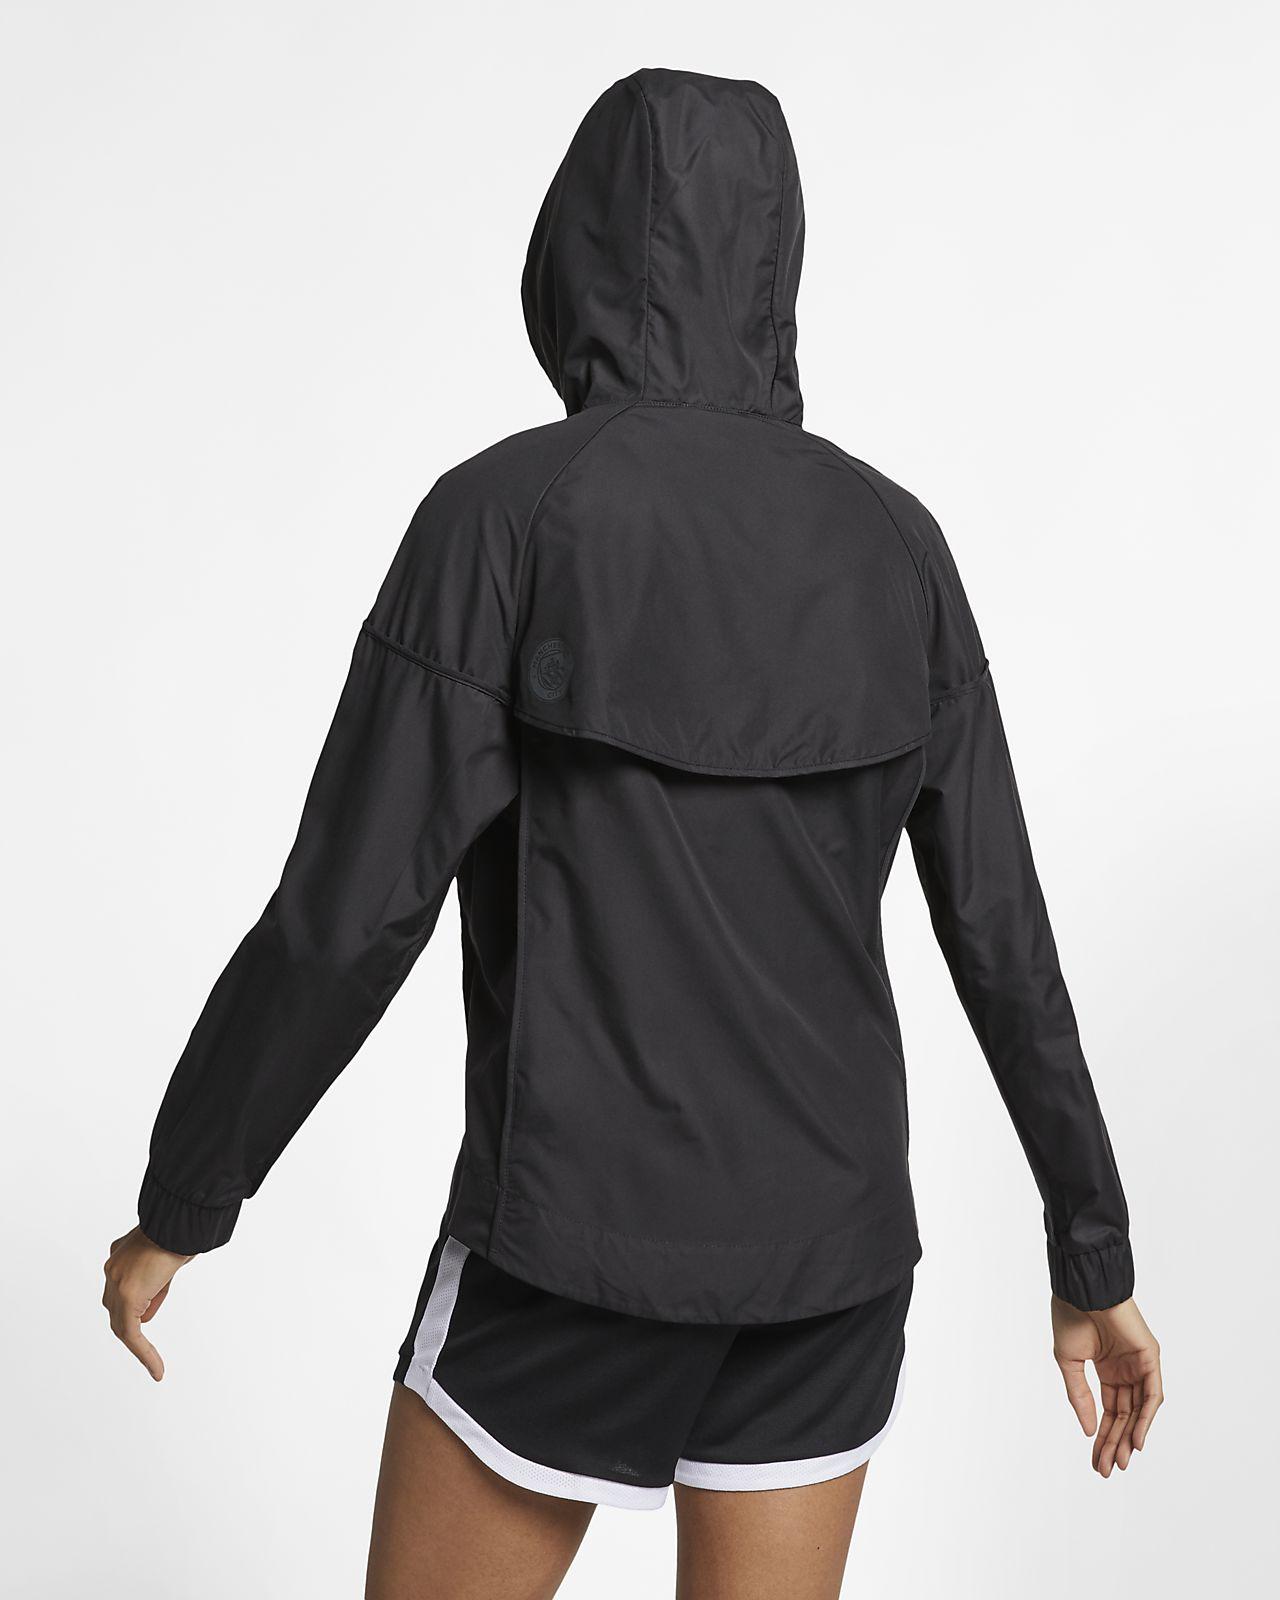 1ebf3d73f5a Manchester City FC Windrunner Women s Jacket. Nike.com IE